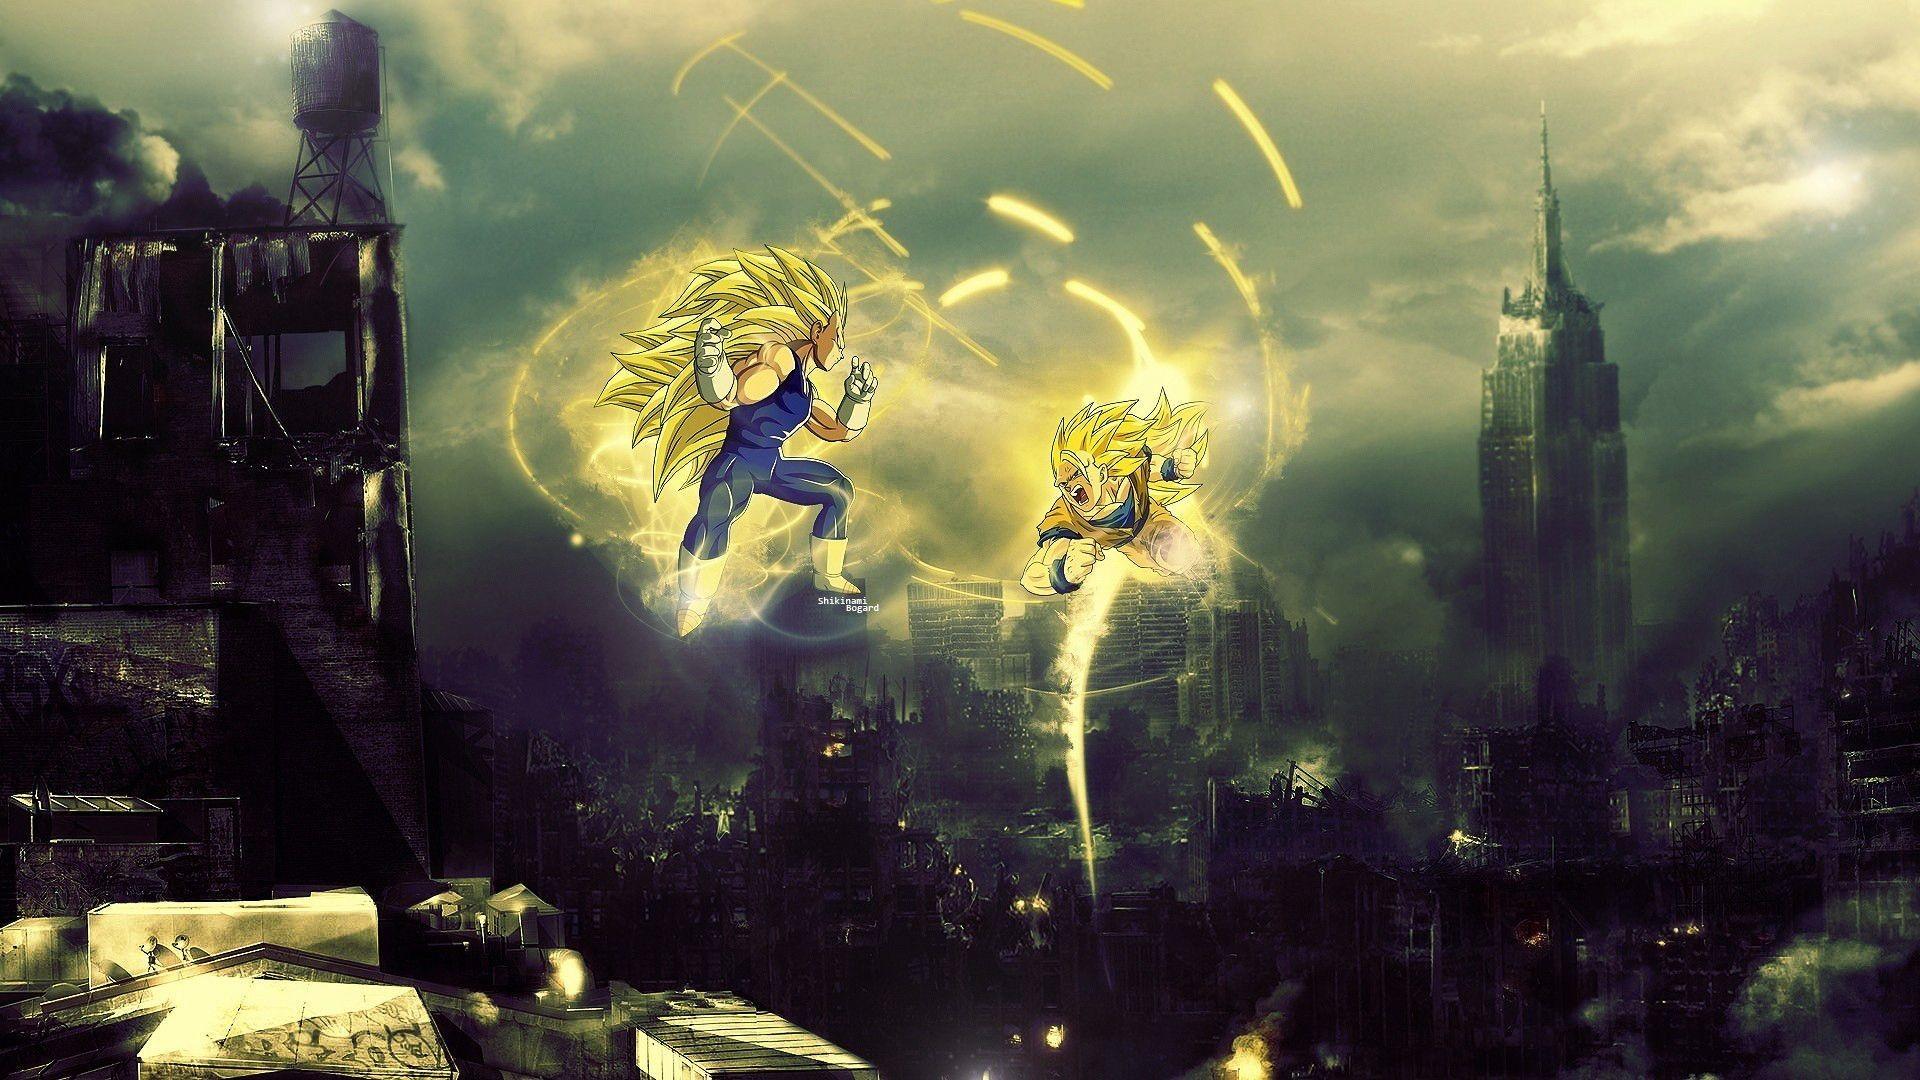 Super Saiyan 3 Vegeta vs Goku Dragon Ball Z Anime HD Wall.